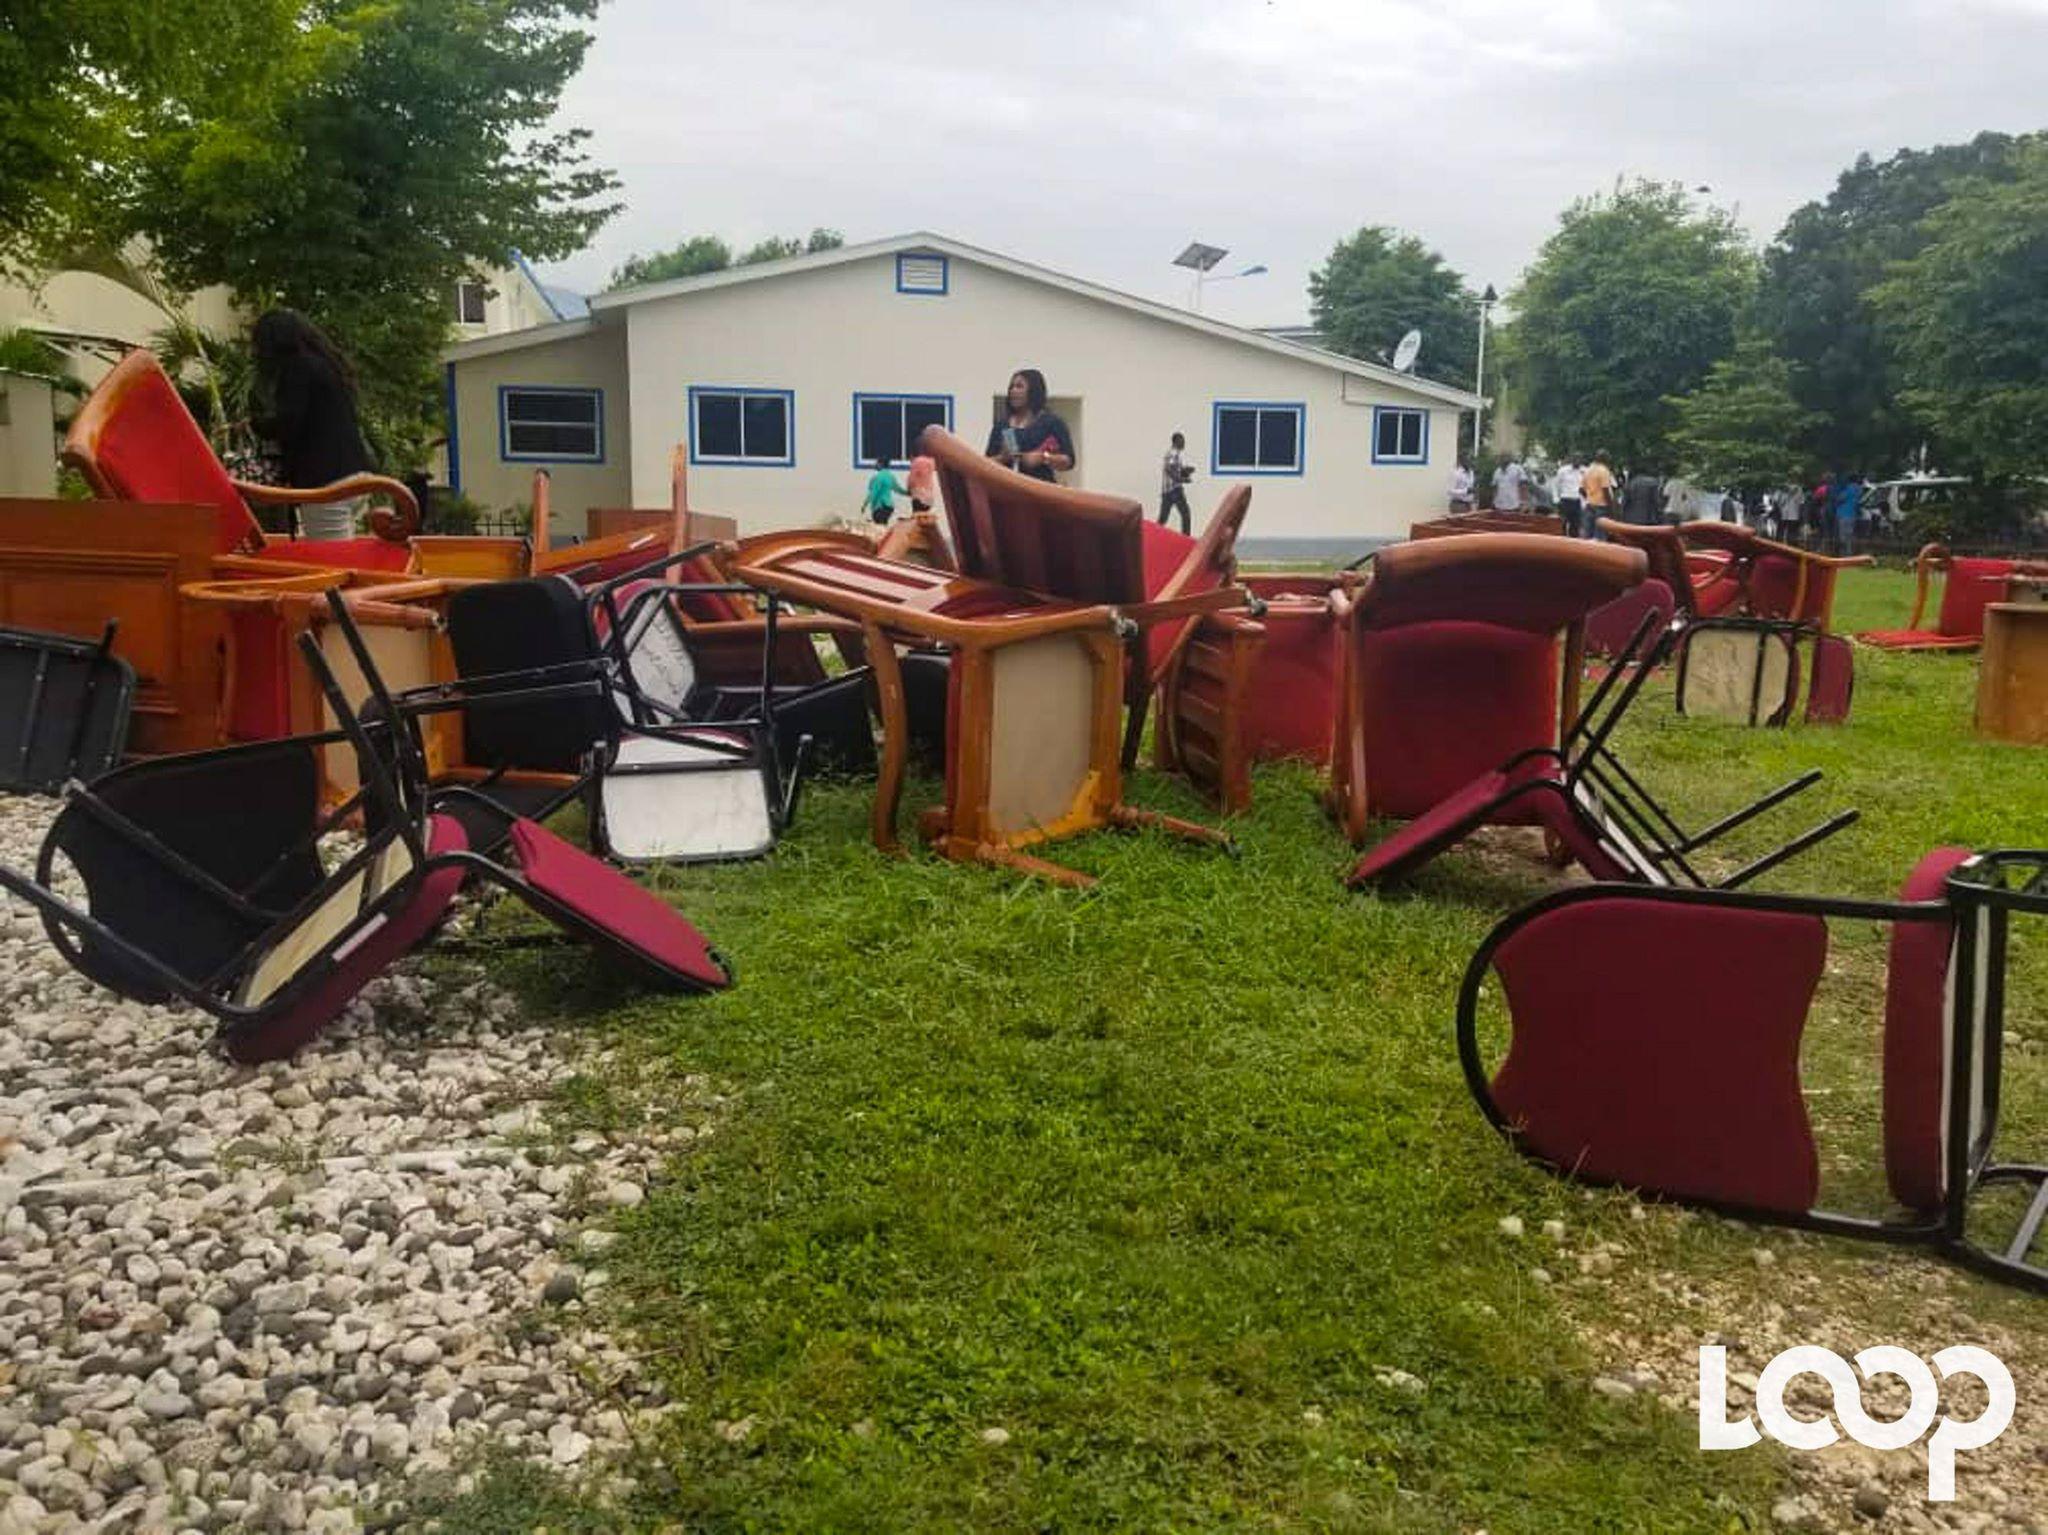 Les dégâts enregistrés, jeudi 31 mai, sont évalués à plus de six millions de gourdes selon le président du sénat Carl Murat Cantave./Photo: Loop Haiti-Luckson Saint-Vil.